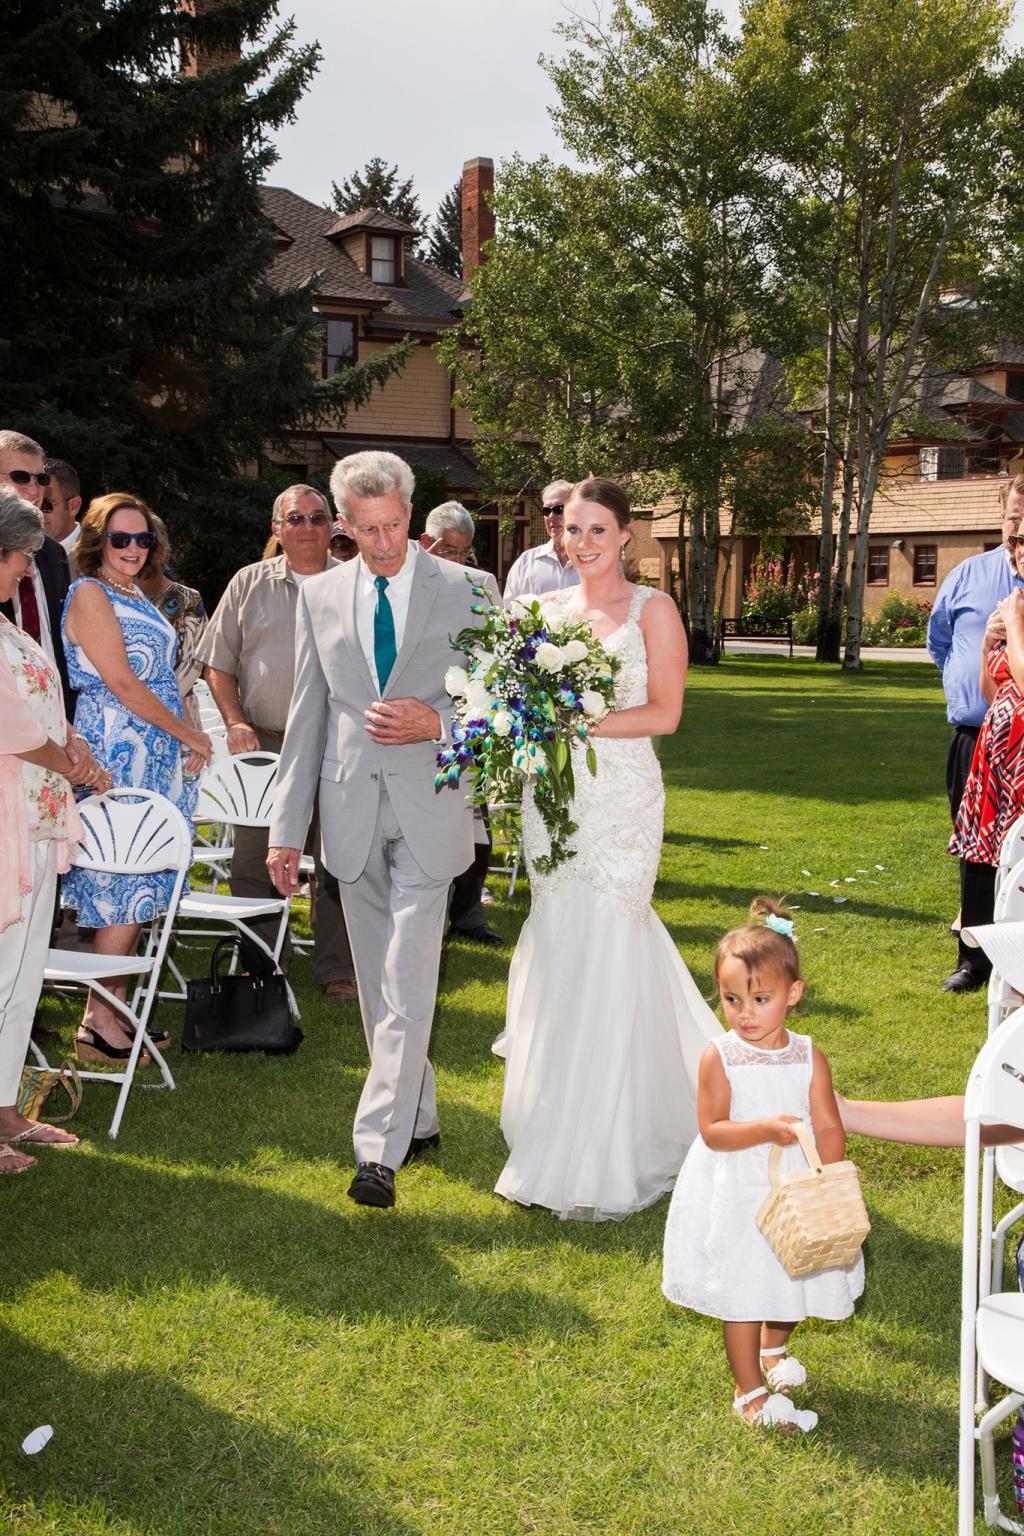 marchese_wedding_436 copy